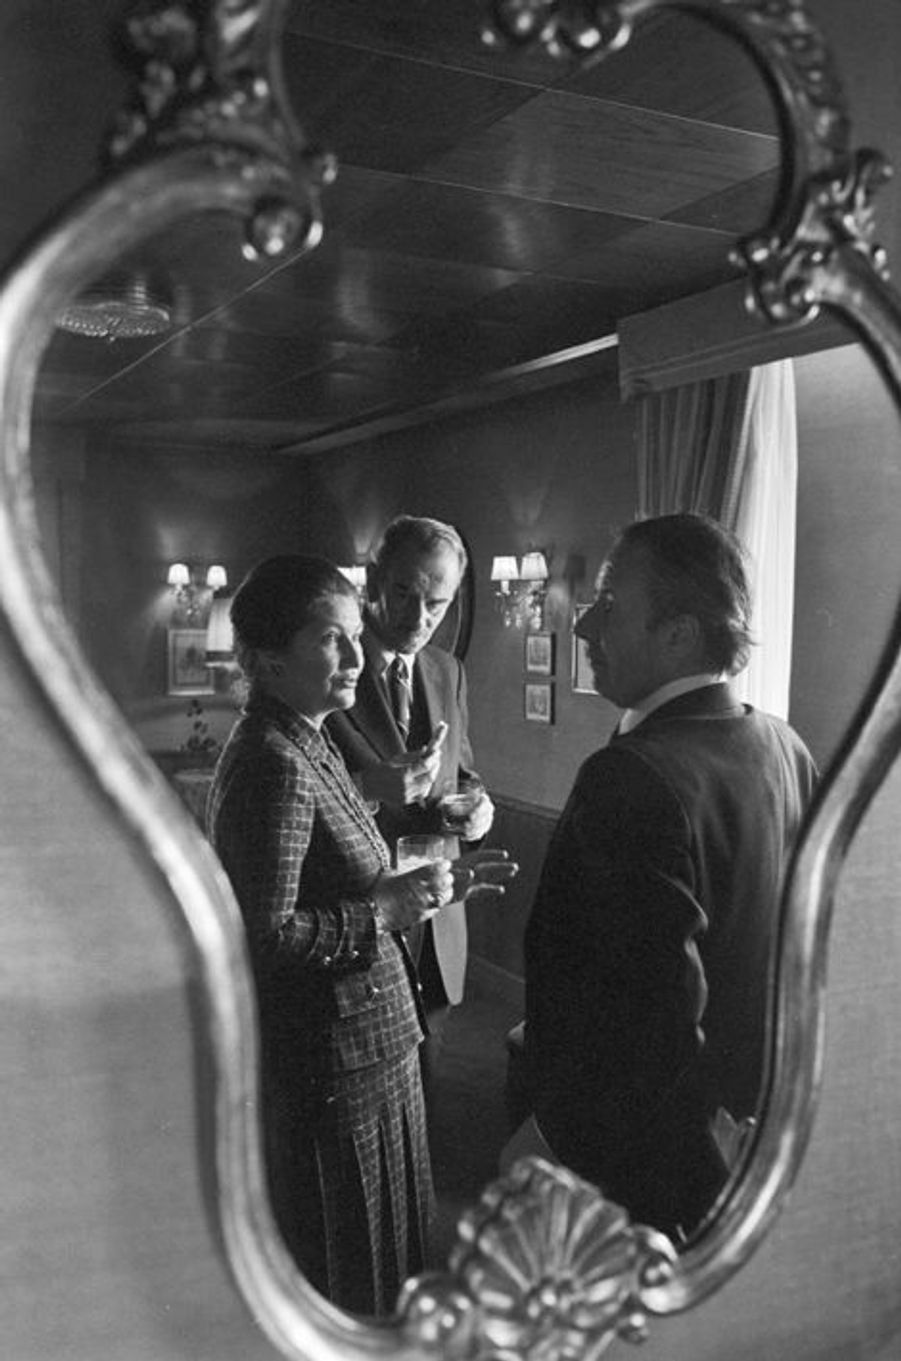 15 janvier 1981, Simone Veil prend un verre en compagnie de Gaston Thorn, président de la Commission européenne.